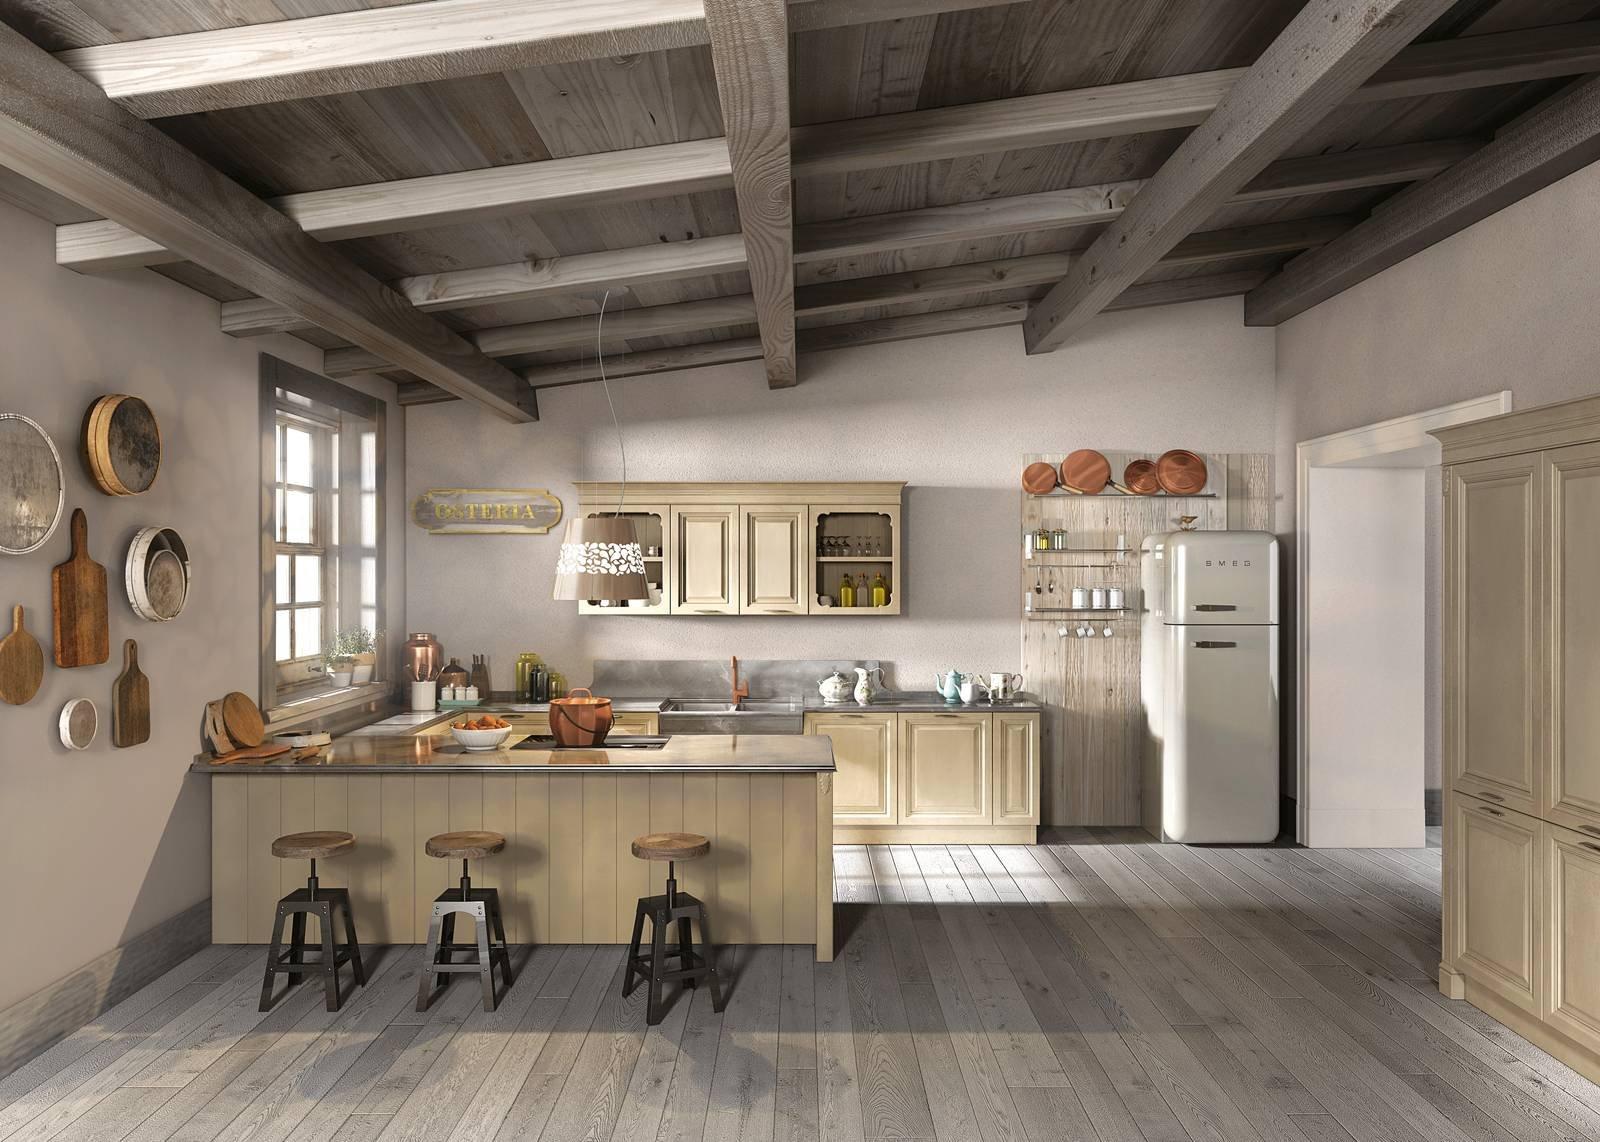 Cucine Country » Cucine Country Padova - Ispirazioni Design dell ...